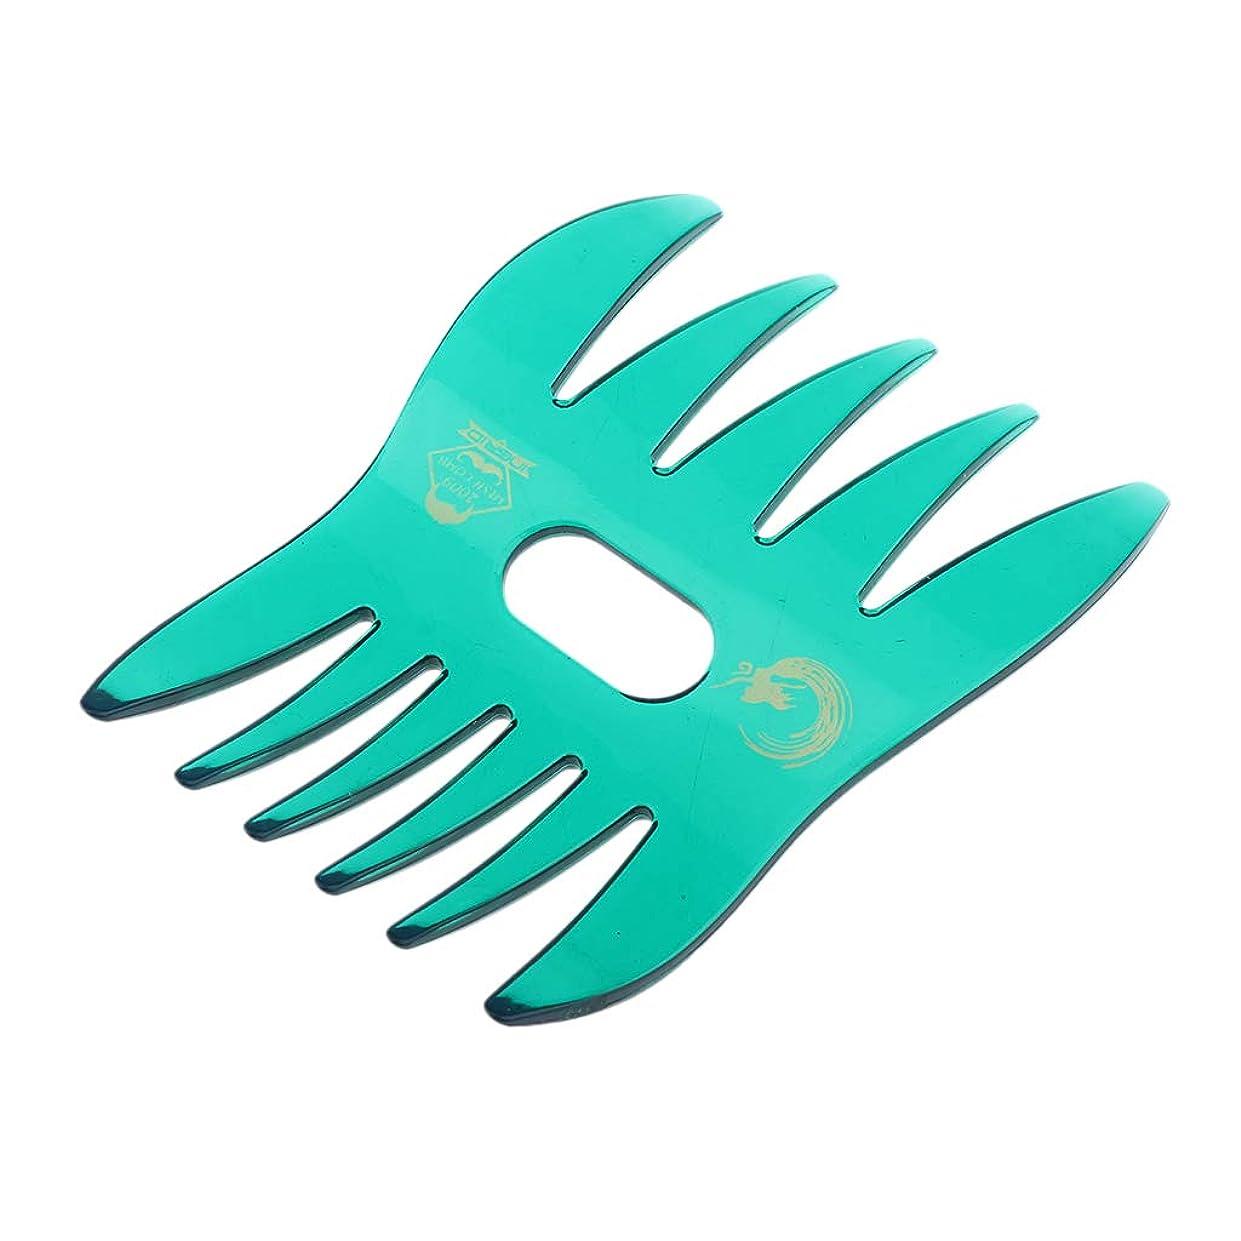 質量ピンポイントコンクリートSharplace ヘアコーム デュアルサイド 櫛 くし サロン ヘアスタイル 4色選べ - 緑